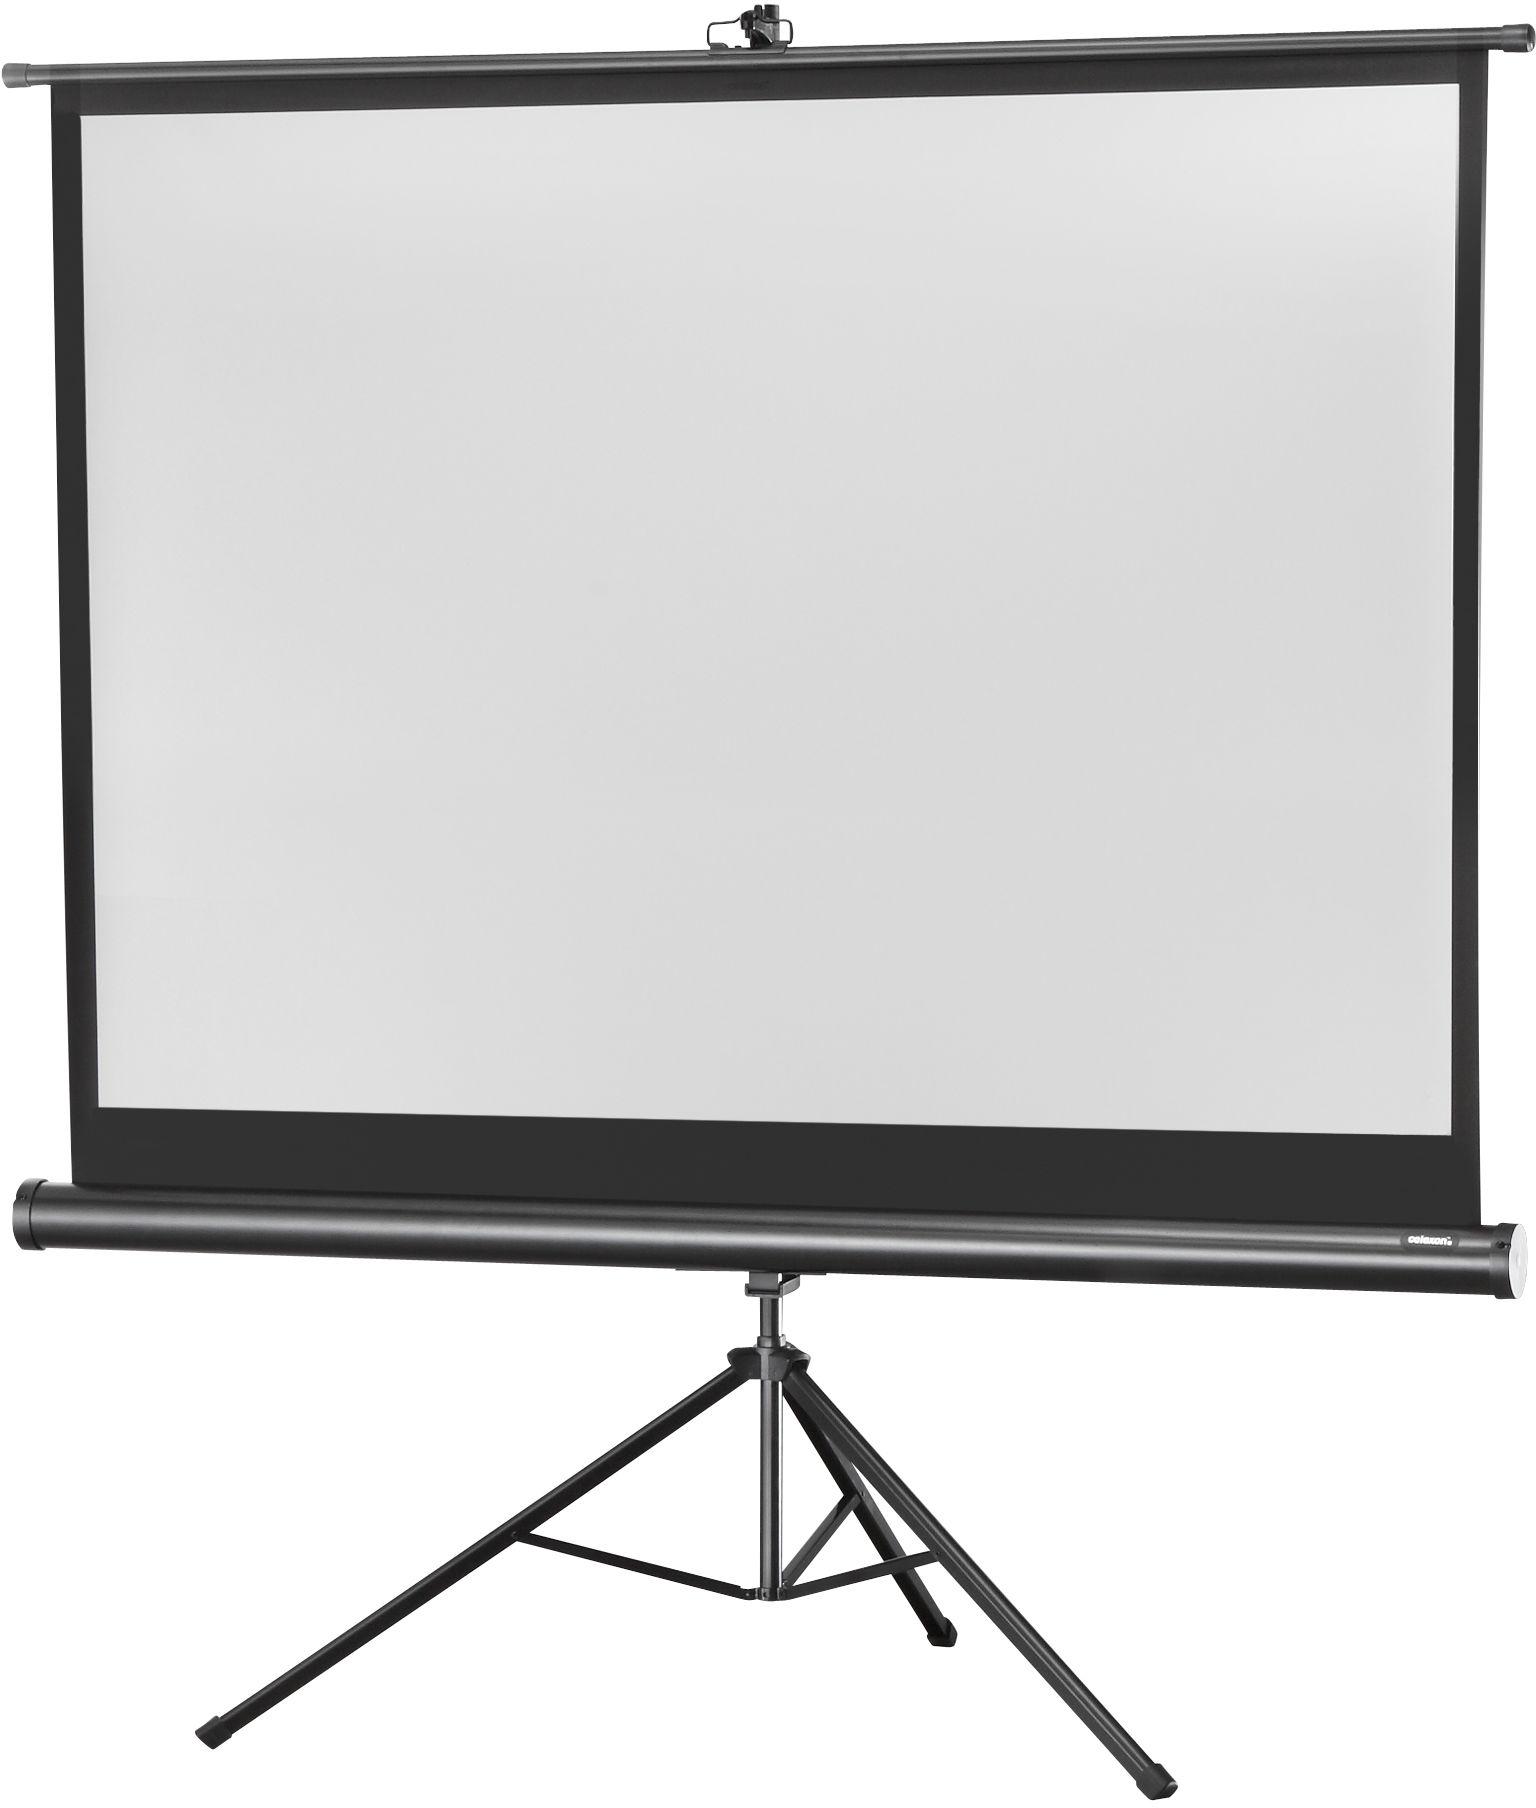 celexon Economy 158 x 118 cm ekran projekcyjny na trójnogu - Biala edycja